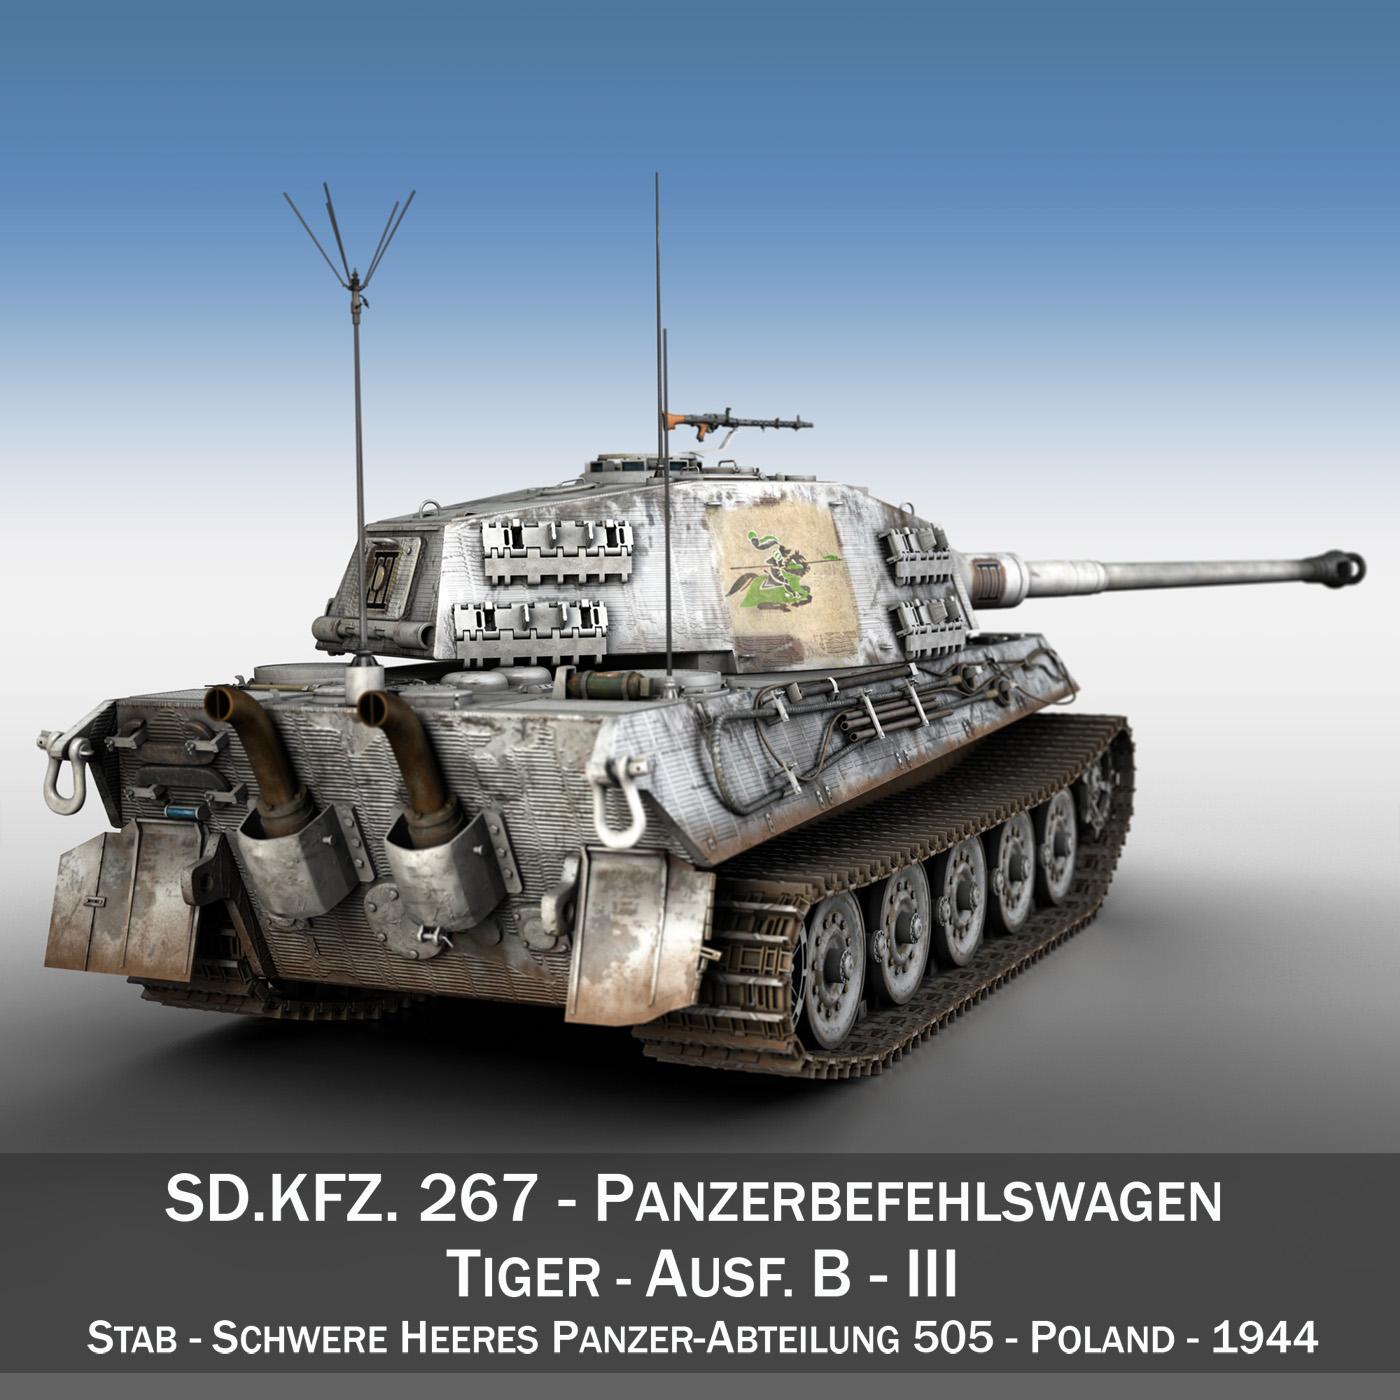 Panzerbefehlswagen Tiger - Ausf B - III 3d model  293320